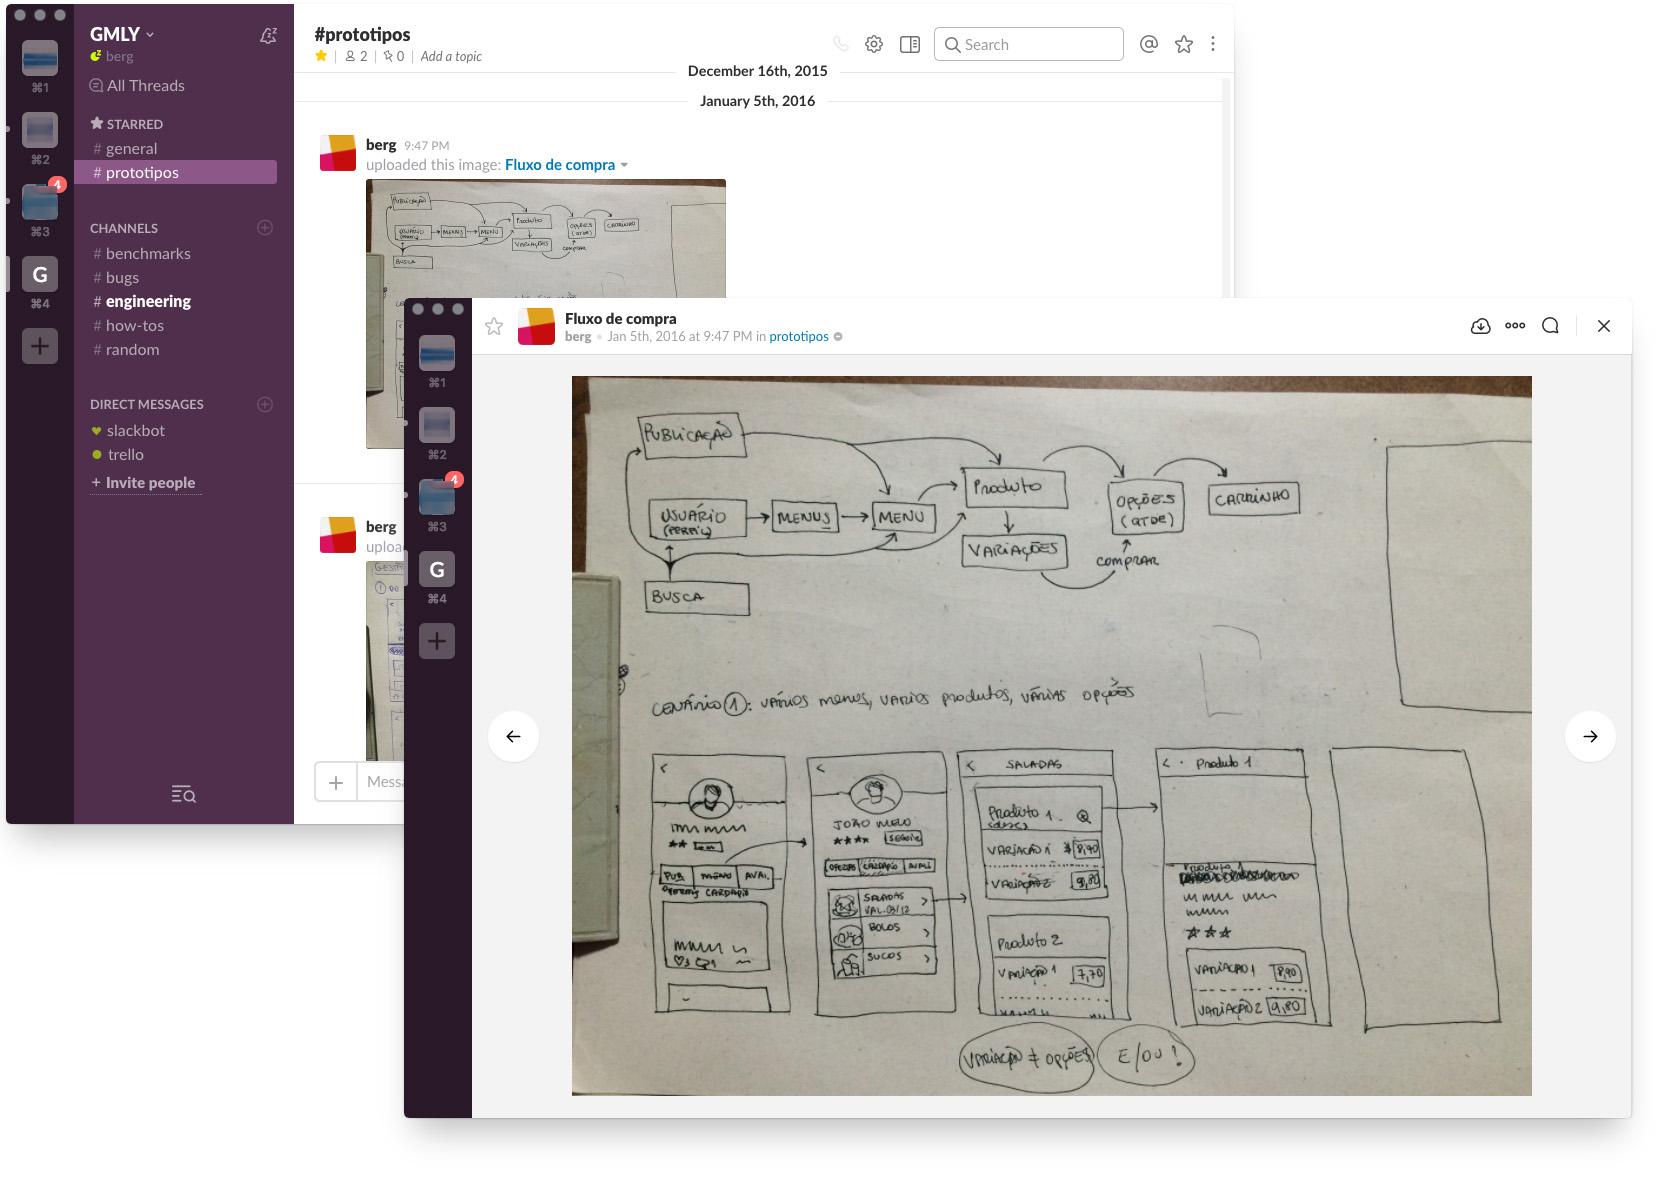 Esbozar y compartir utilizando aplicaciones de mensajería en los talleres de UX